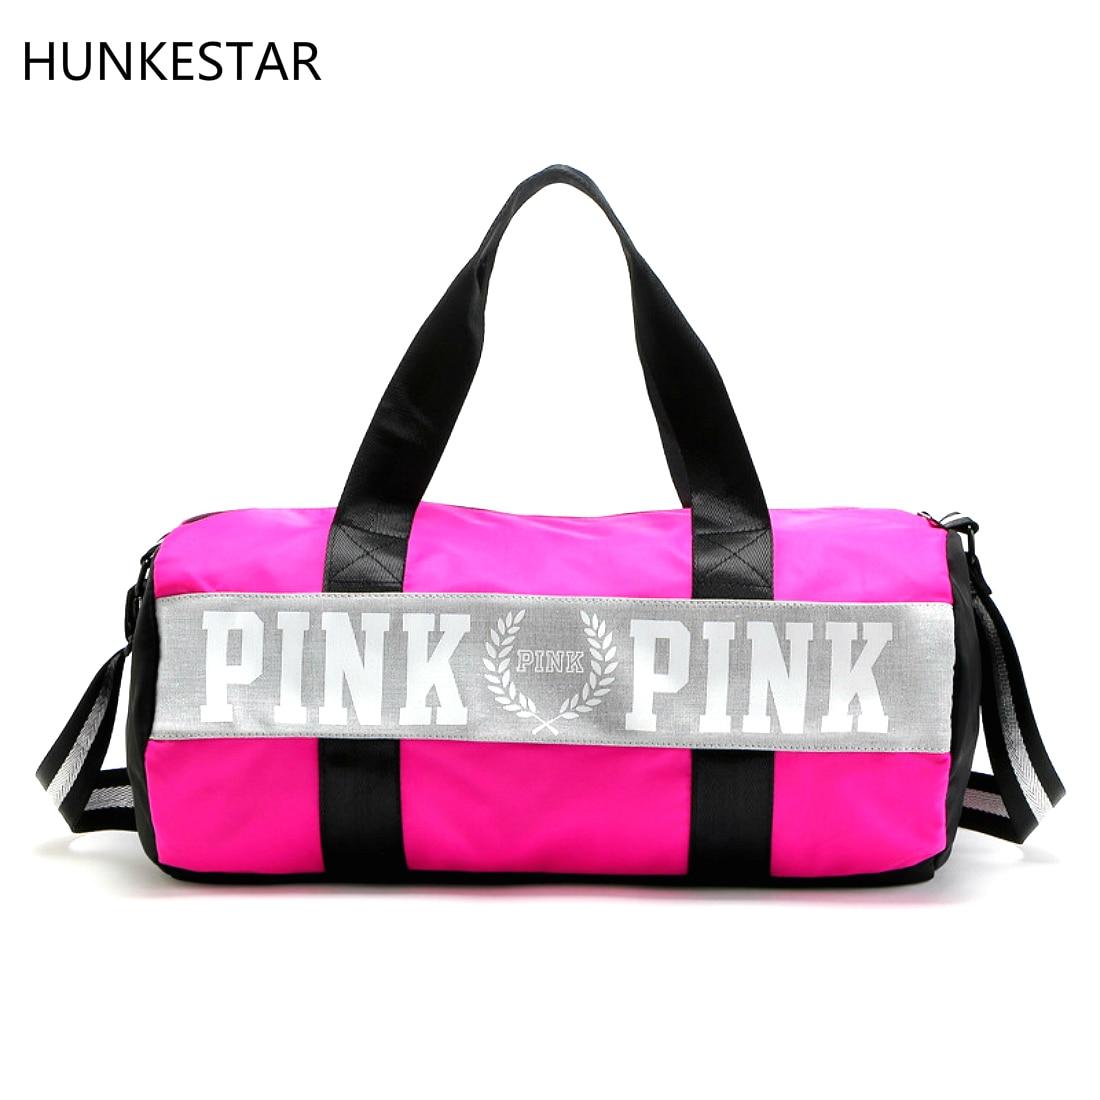 2018 в полоску для девочек вещевой мешок любовь розовый Виктория сумка большая Ёмкость тренажерный зал, спортивный рюкзак Secret Weekender Vs сумка